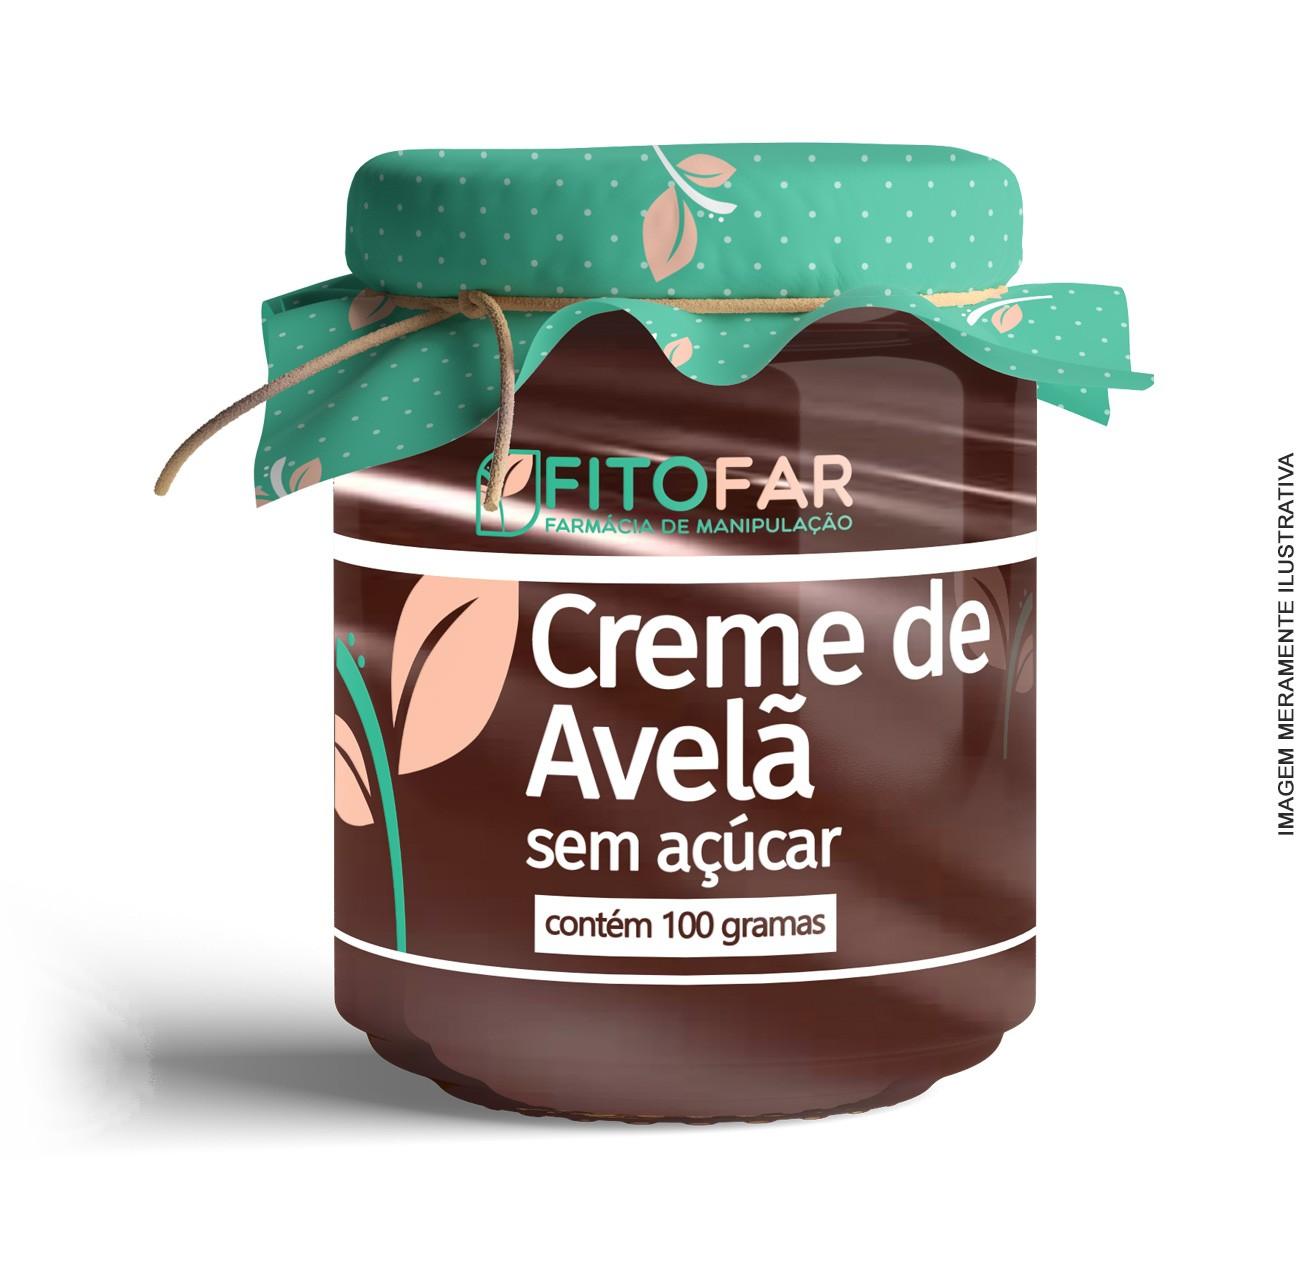 CREME DE AVELÃ SEM AÇÚCAR - 100G - Combate a vontade de comer doce, comendo doce